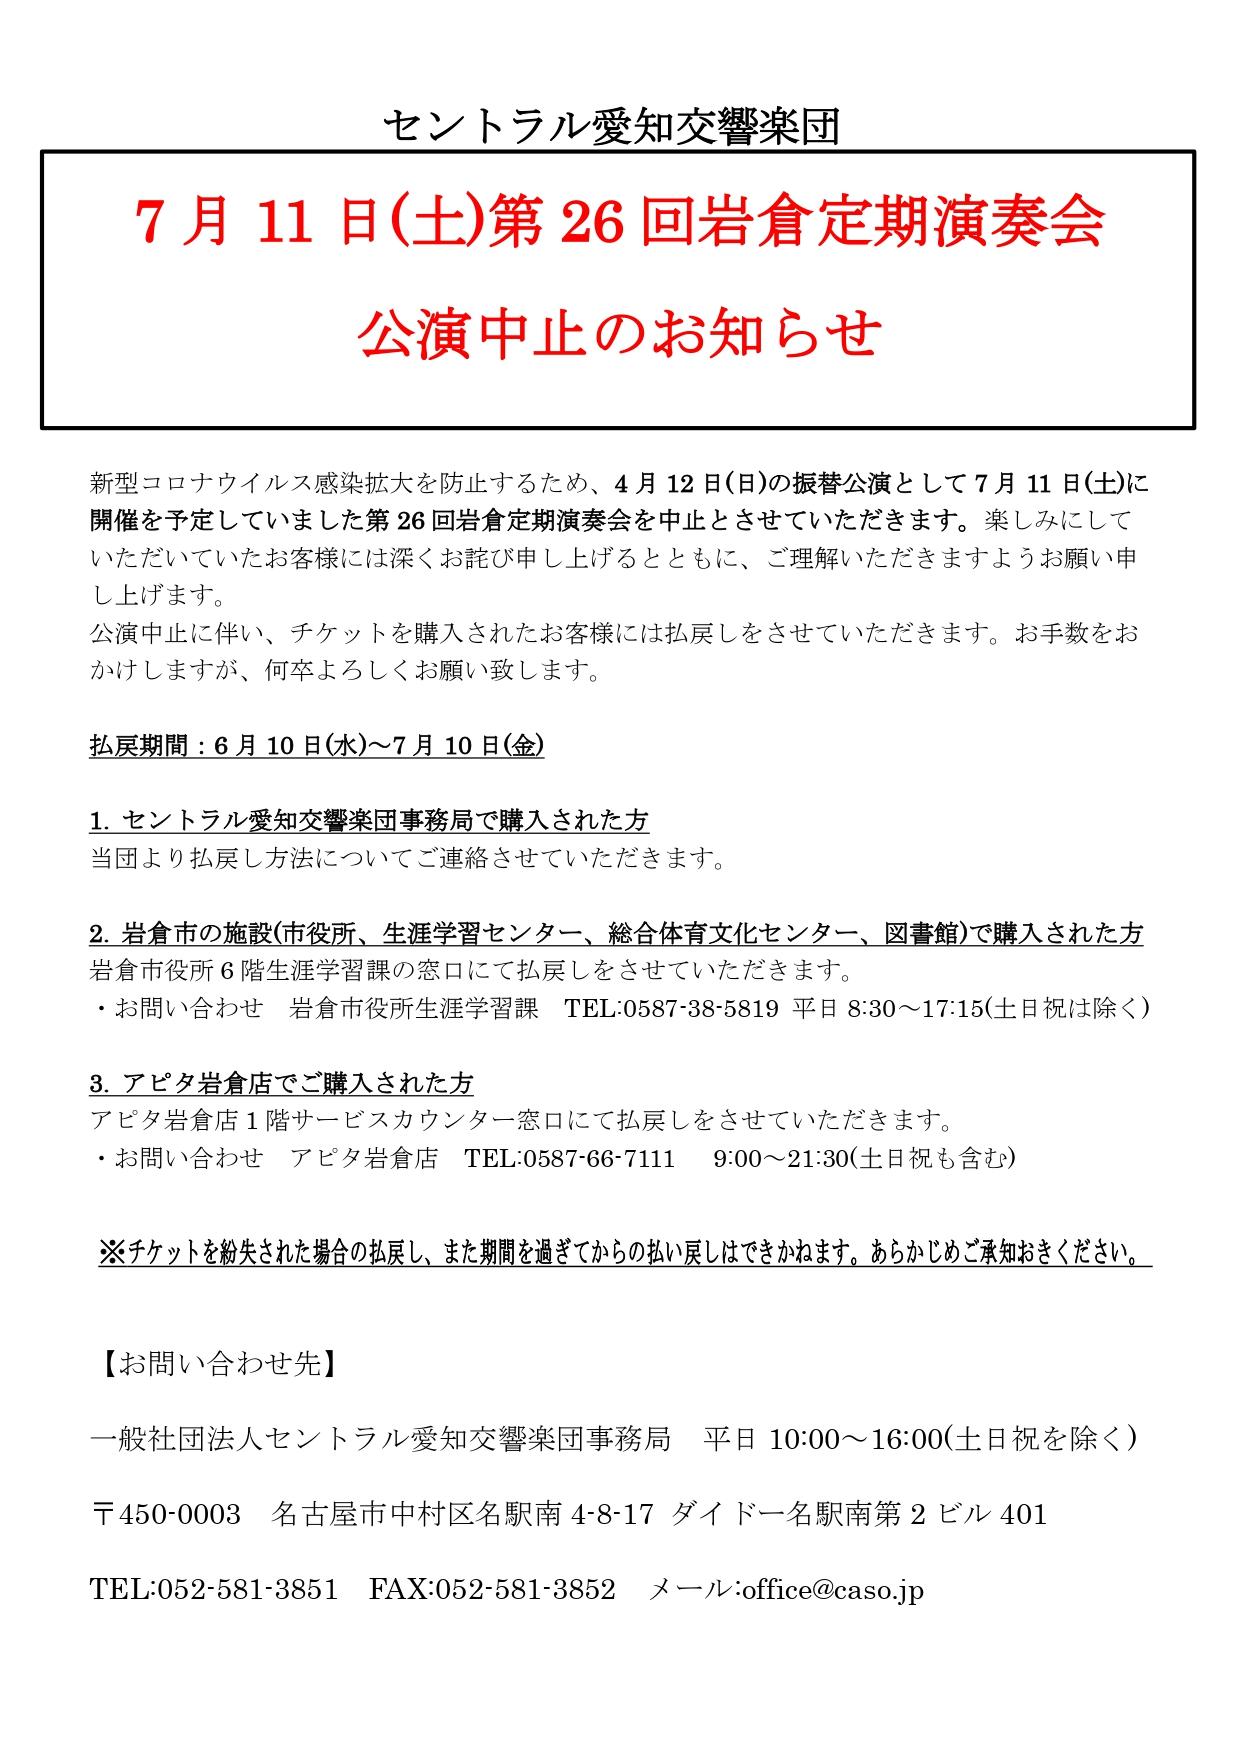 【公演中止】第26回岩倉定期演奏会[4/12振替公演]